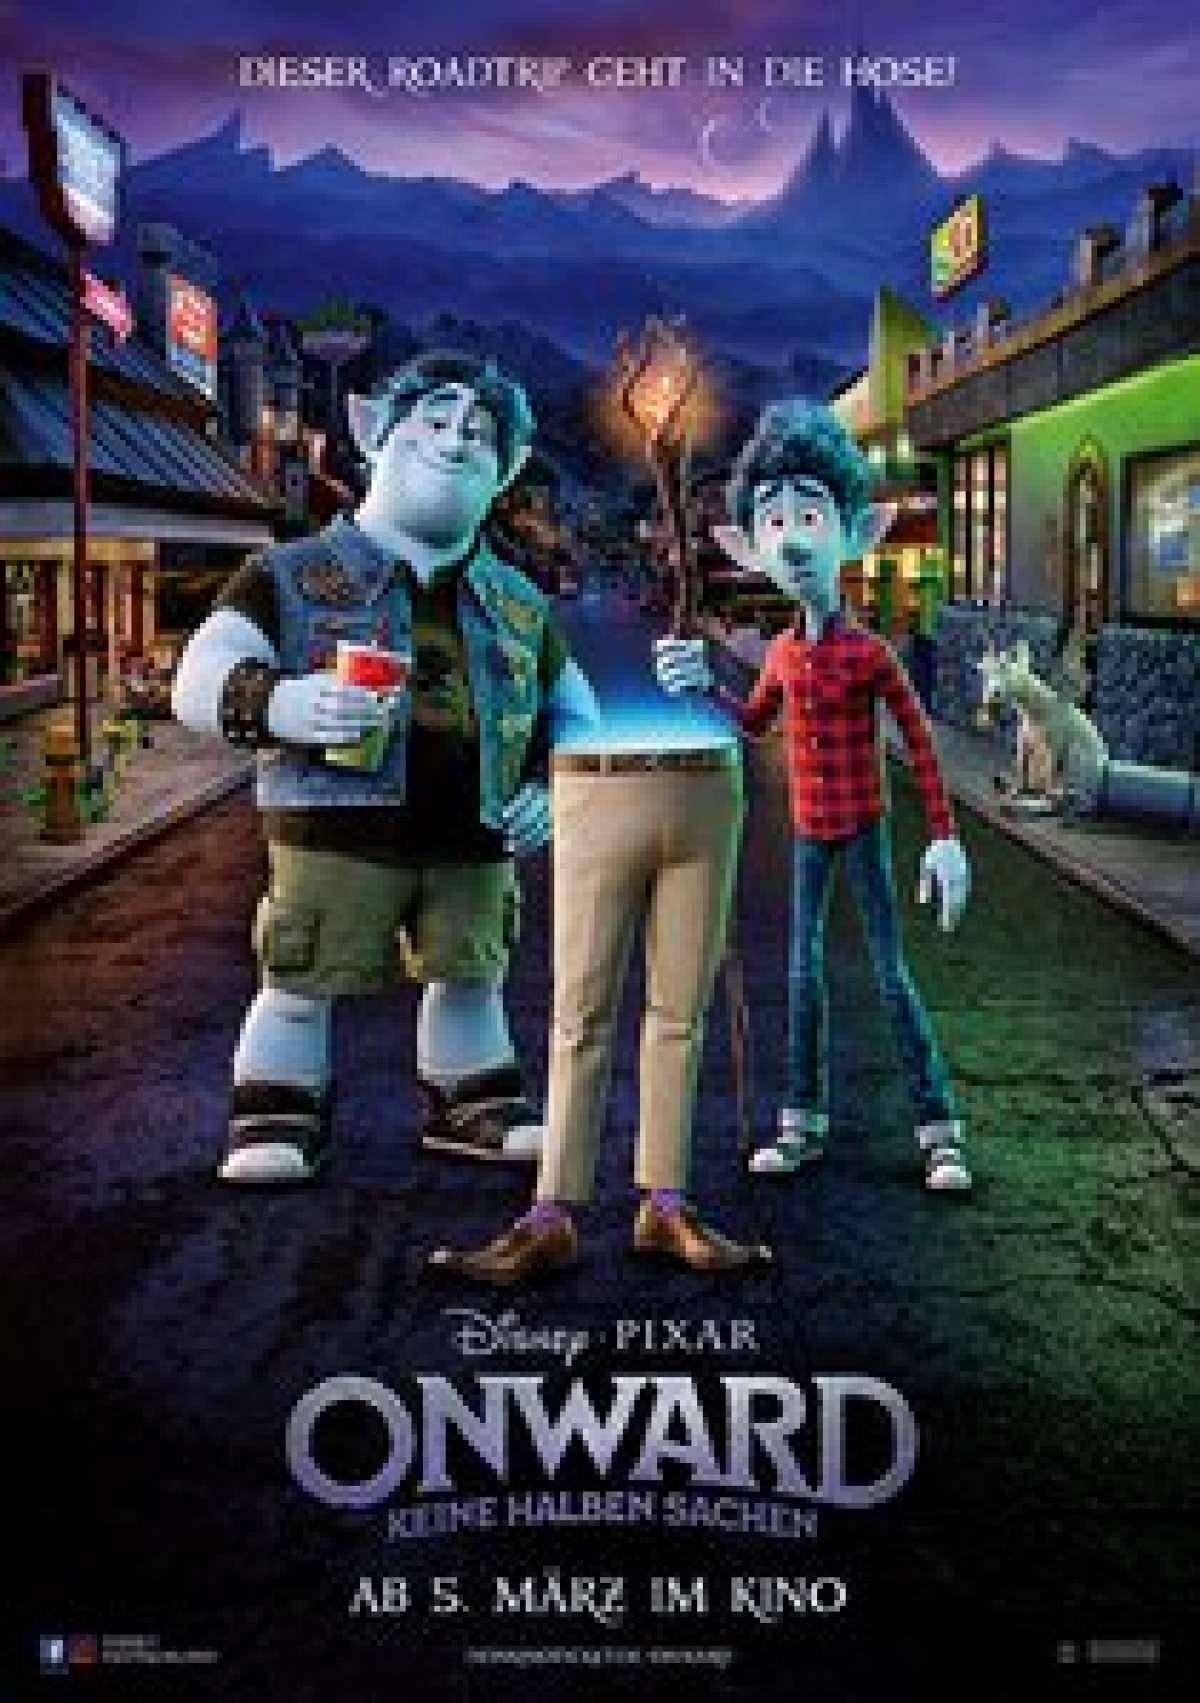 Onward: Keine halben Sachen - Cine-Royal  - Fritzlar